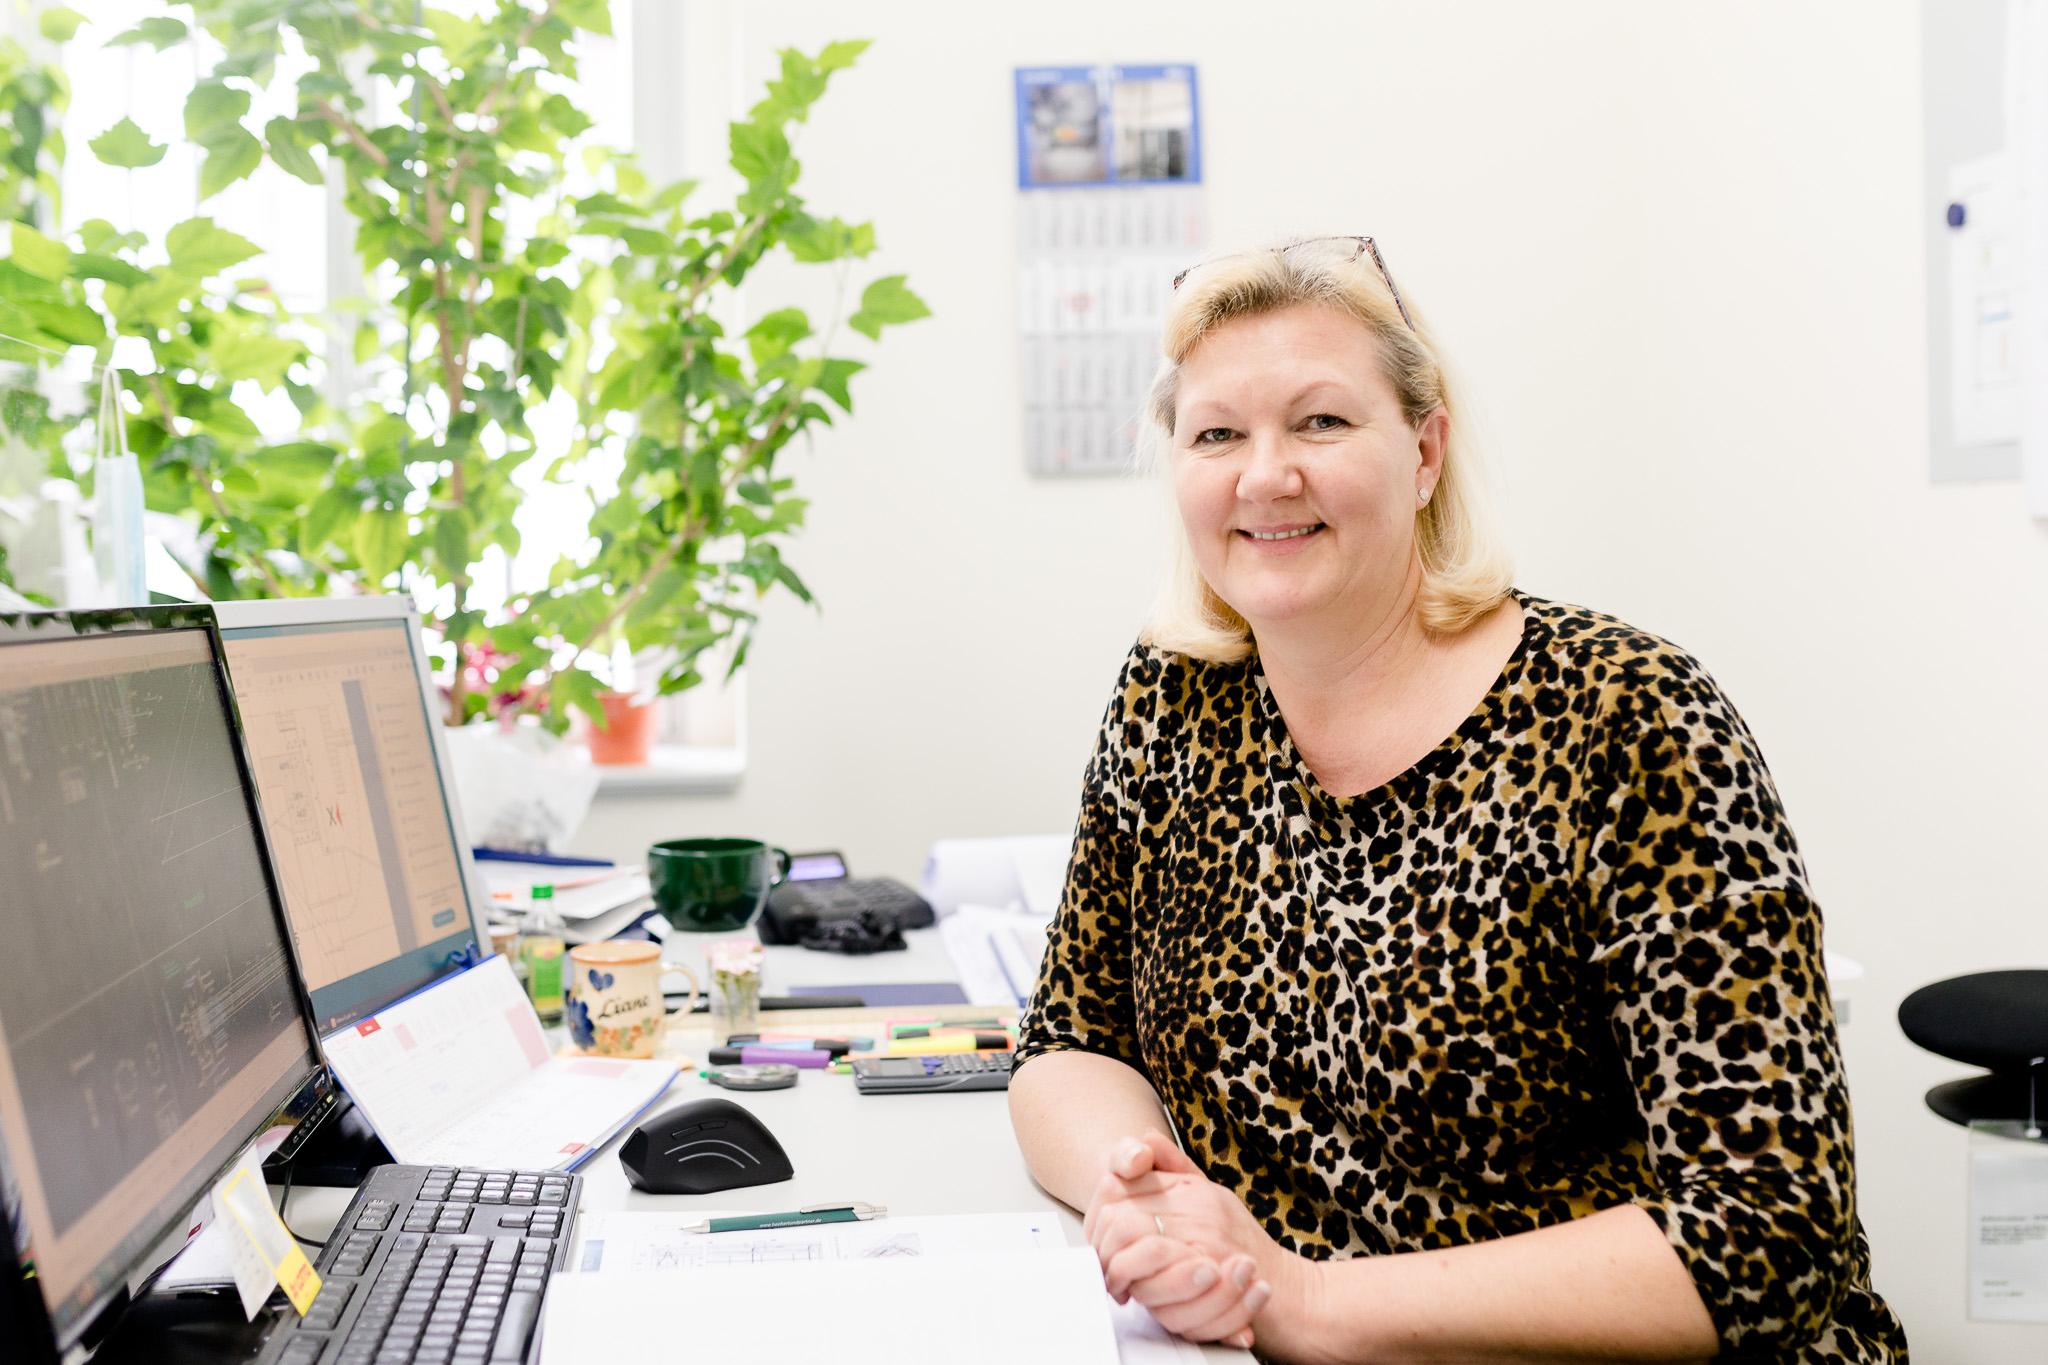 Liane Winkler